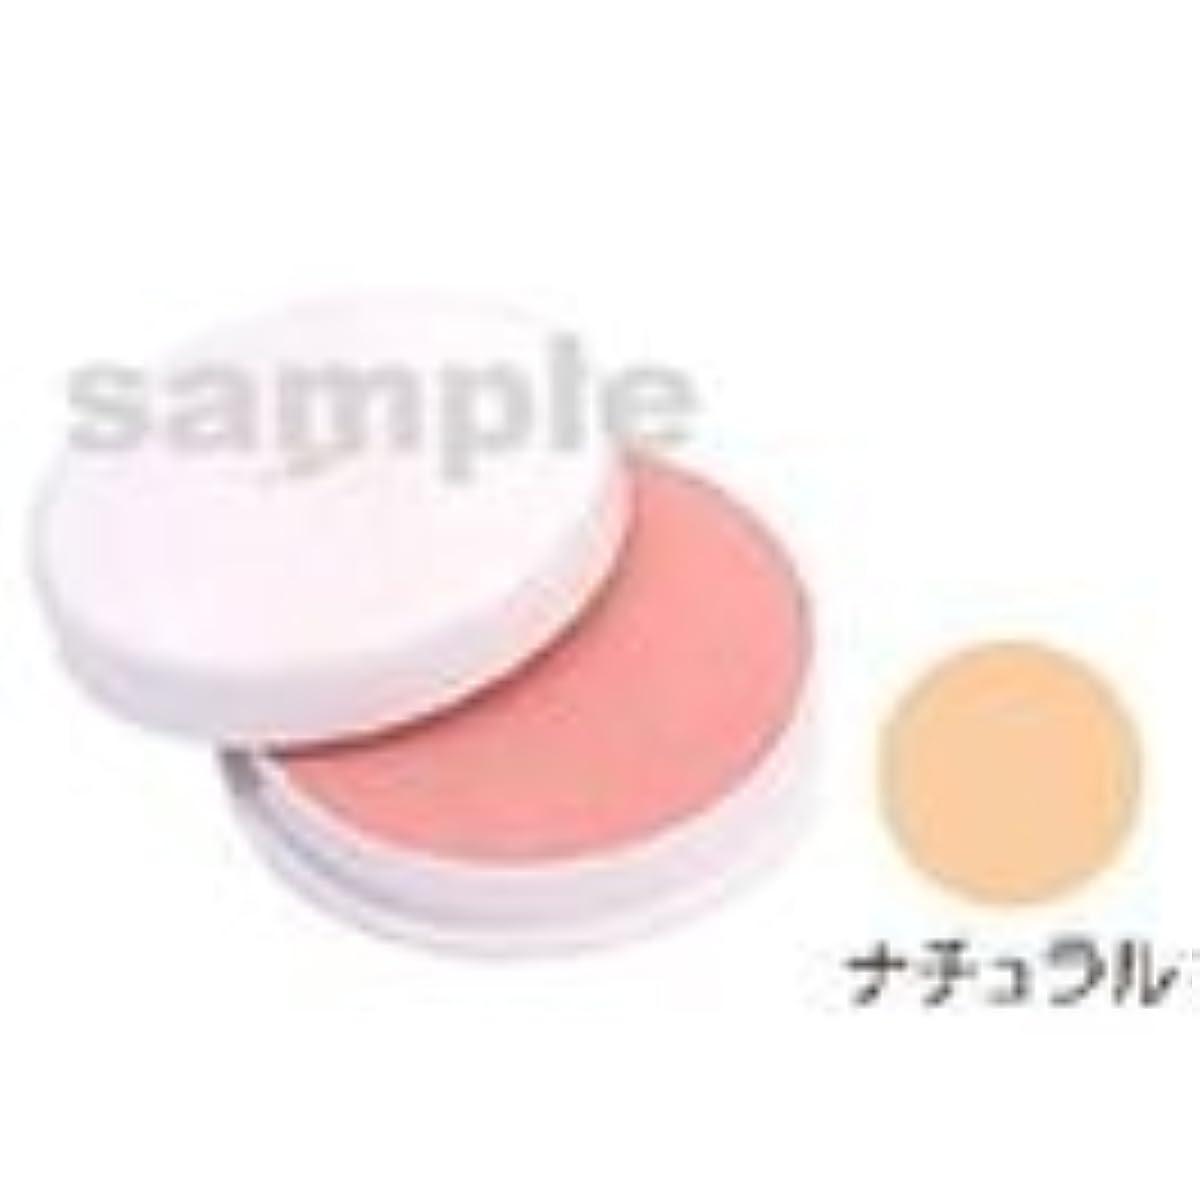 トランザクション定期的ケント三善 フェースケーキ ナチュラル